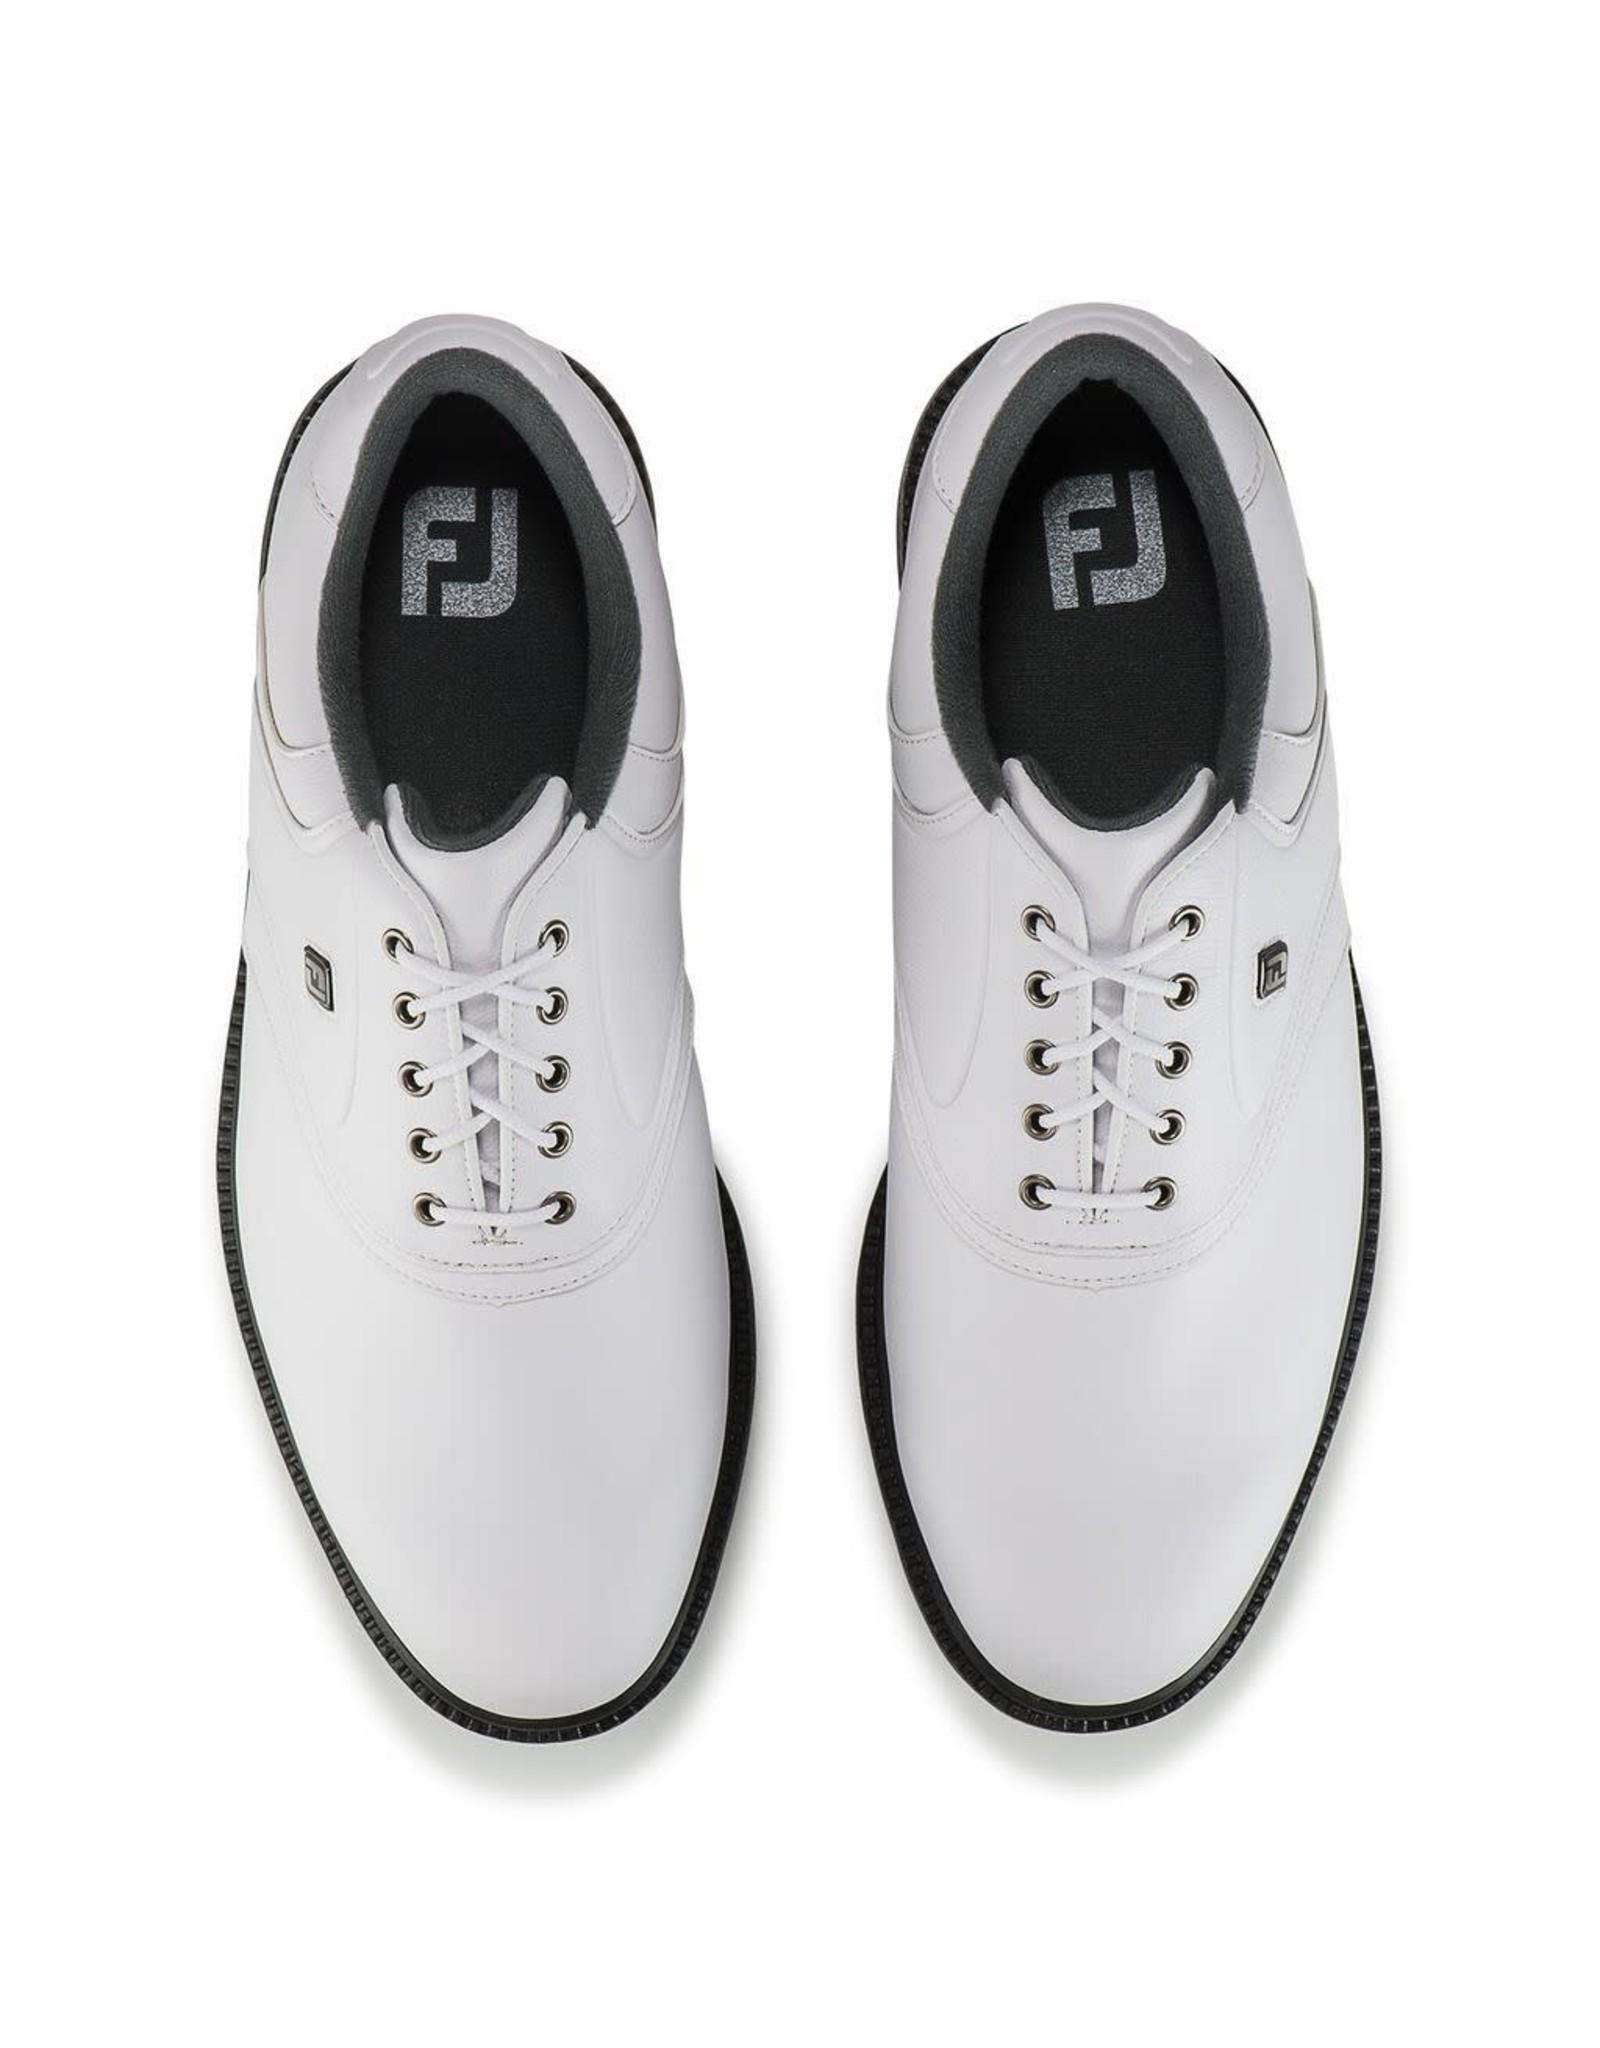 FJ FJ Originals White